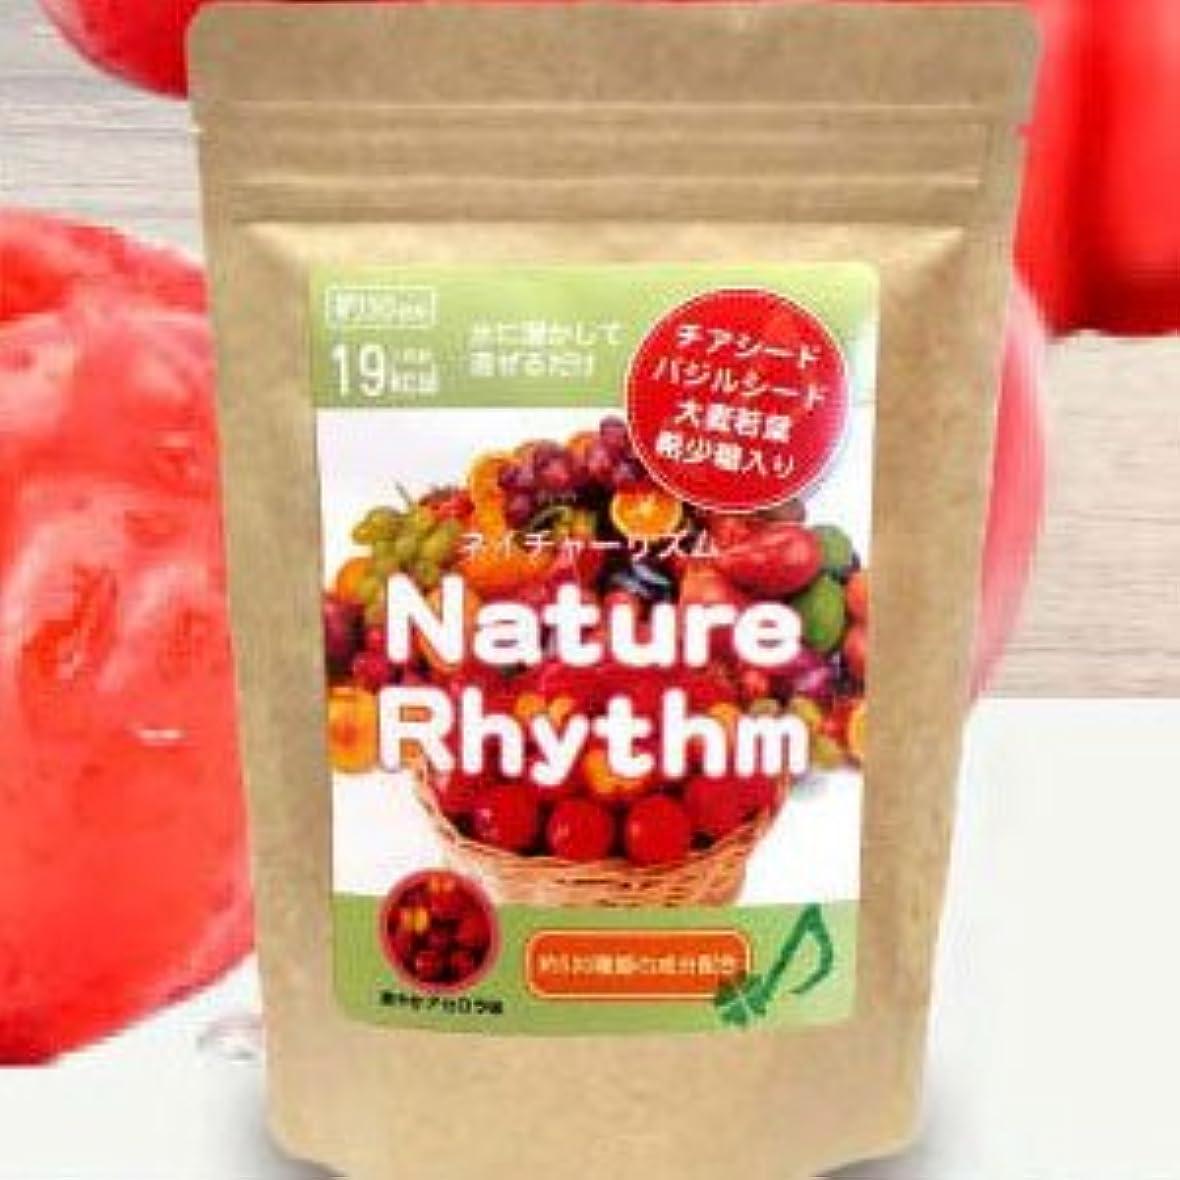 最もと組む傷つけるNature Rhythm スーパーフードMIX酵素スムージー グリーンスムージー ダイエット (爽やかアセロラ, 200g)